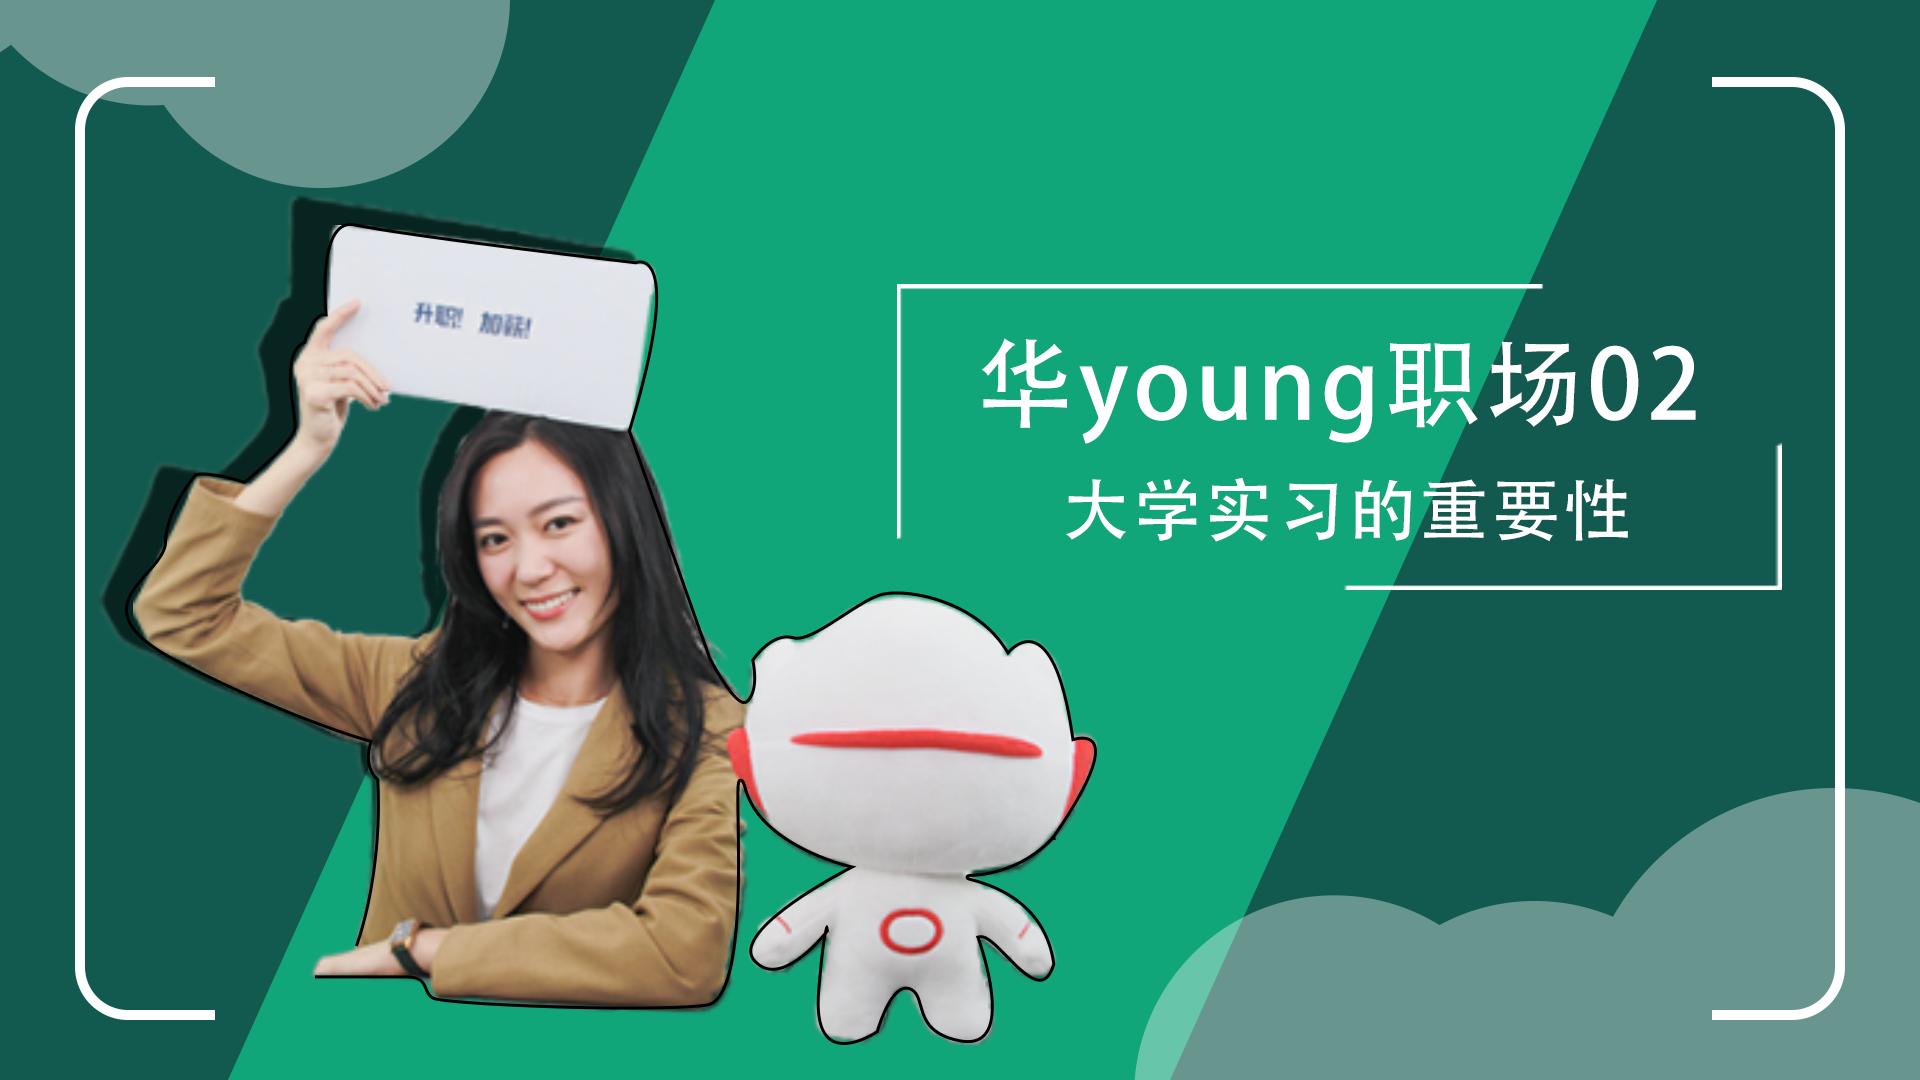 华young职场02大学实习的重要性